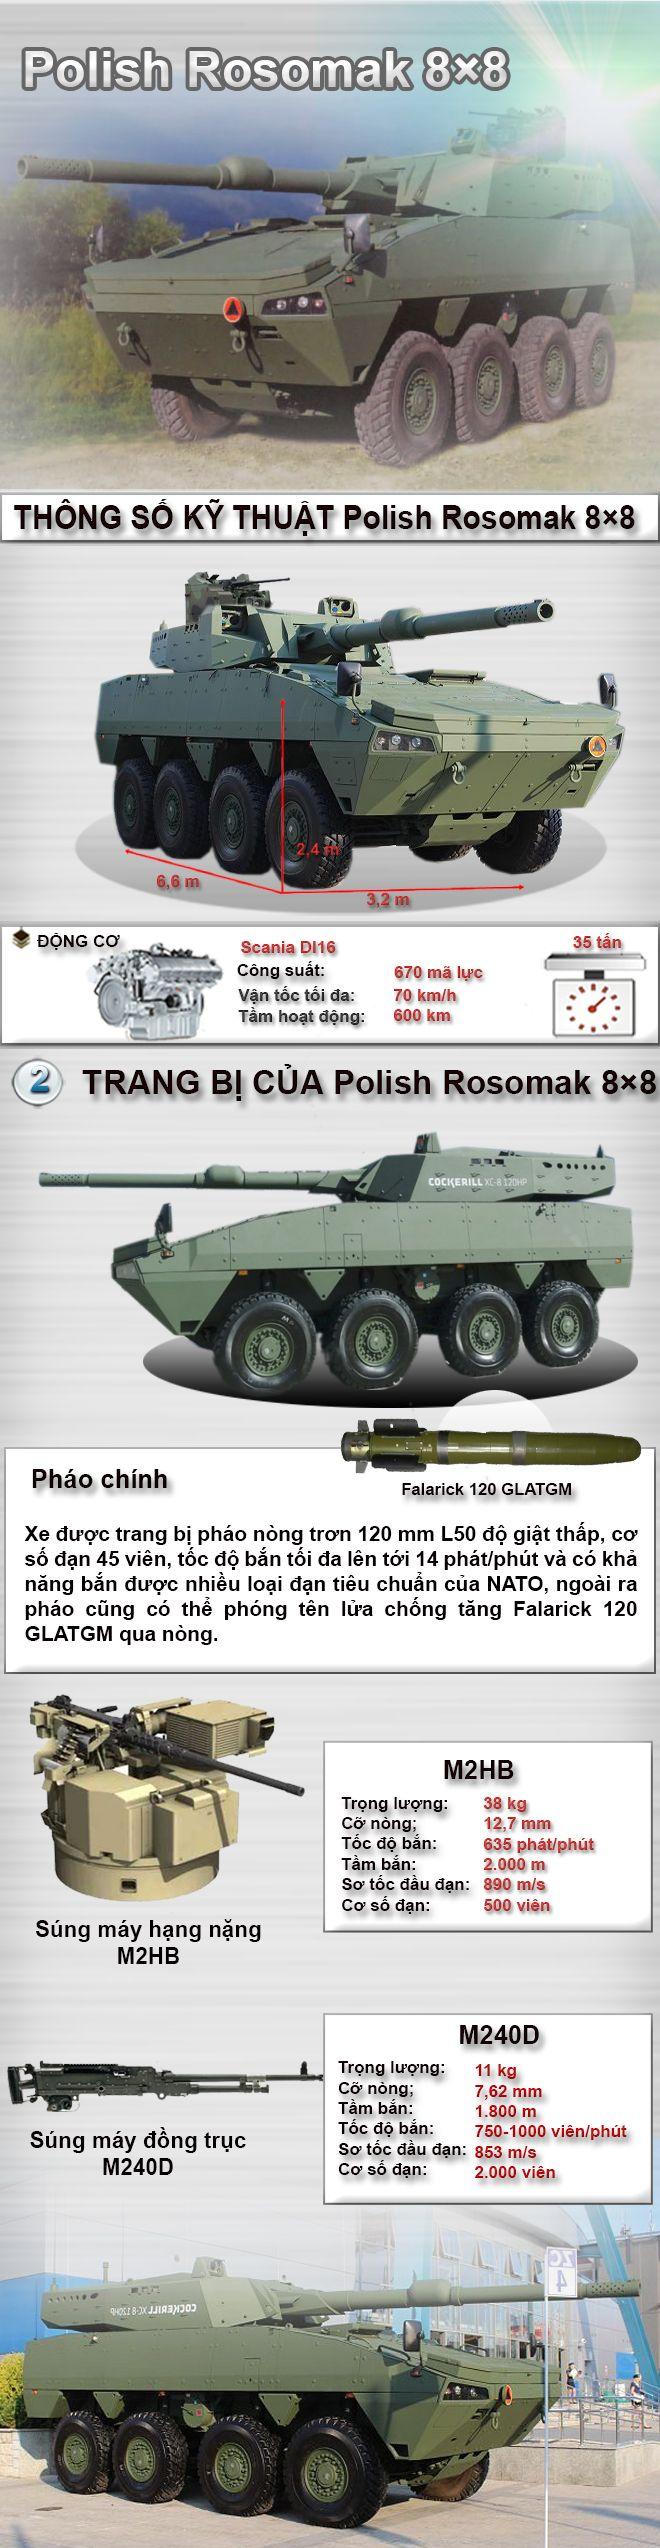 Khám phá tính năng xe tăng bánh lốp lợi hại của Ba Lan .